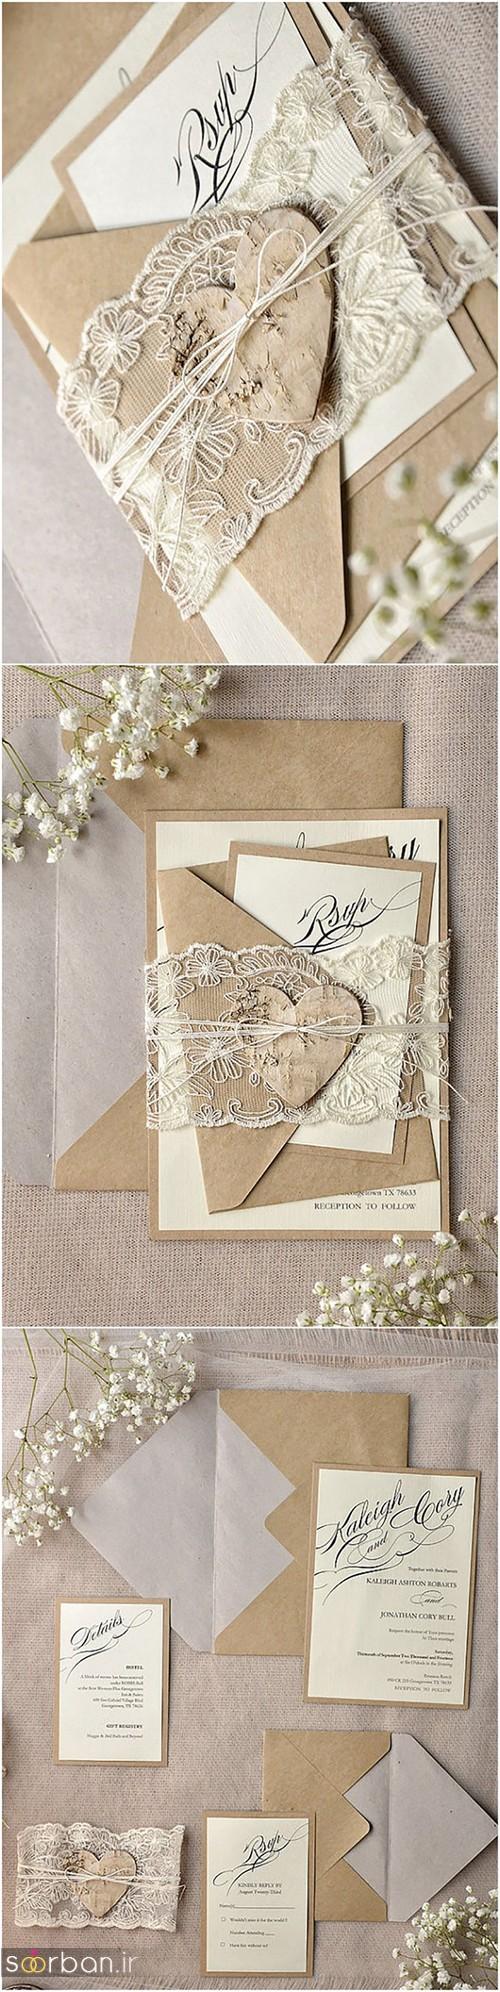 کارت عروسی خارجی زیبا و جدید-6